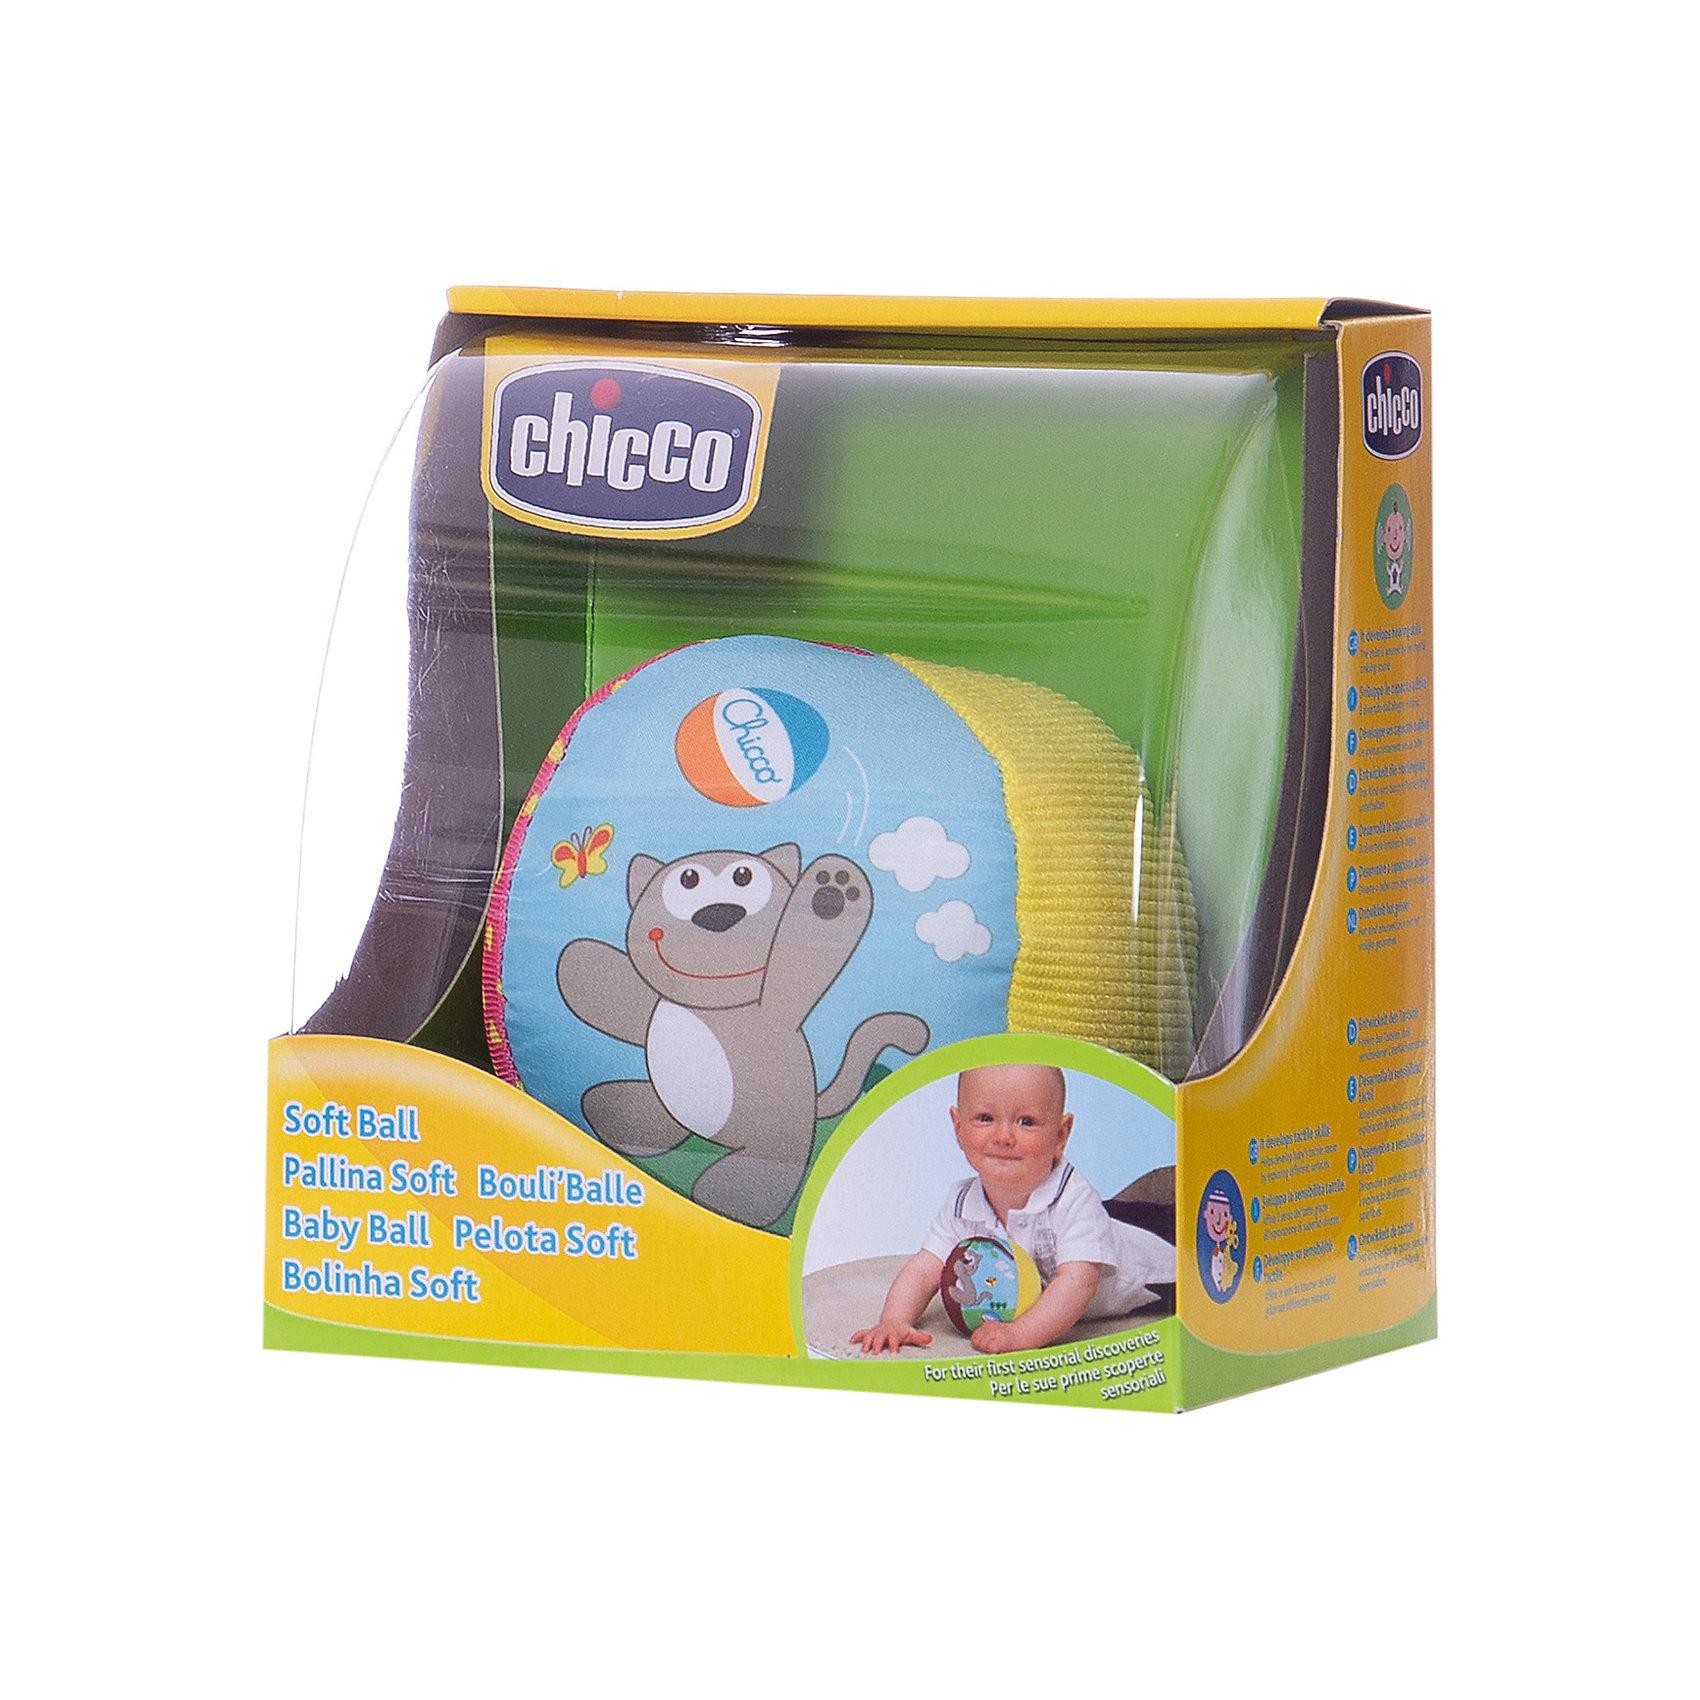 Мягкий мячик, ChiccoМягкие игрушки<br>Мягкий мячик, Chicco (Чико) сшит из кусочков ткани разных цветов и фактур в виде яркого полосатого мячика, оформленного изображениями в виде играющего котика. Рассматривая и ощупывая его поверхность, ребенок развивает тактильное восприятие, учится различать и сравнивать цвета. Он легкий и мягкий, поэтому малышу будет удобно хватать, катать и бросать. Если его немного потрясти, то он будет греметь, благодаря шарикам, которые находятся внутри. <br><br>Дополнительная информация:<br>-Материалы: текстиль<br>-Размеры:  9х9х9 см<br><br>Развивающая игрушка «Мягкий мячик» станет отличным подарком для каждого малыша!<br><br>Мягкий мячик, Chicco (Чико) можно купить в нашем магазине.<br><br>Ширина мм: 140<br>Глубина мм: 105<br>Высота мм: 149<br>Вес г: 140<br>Возраст от месяцев: 3<br>Возраст до месяцев: 18<br>Пол: Унисекс<br>Возраст: Детский<br>SKU: 4123475